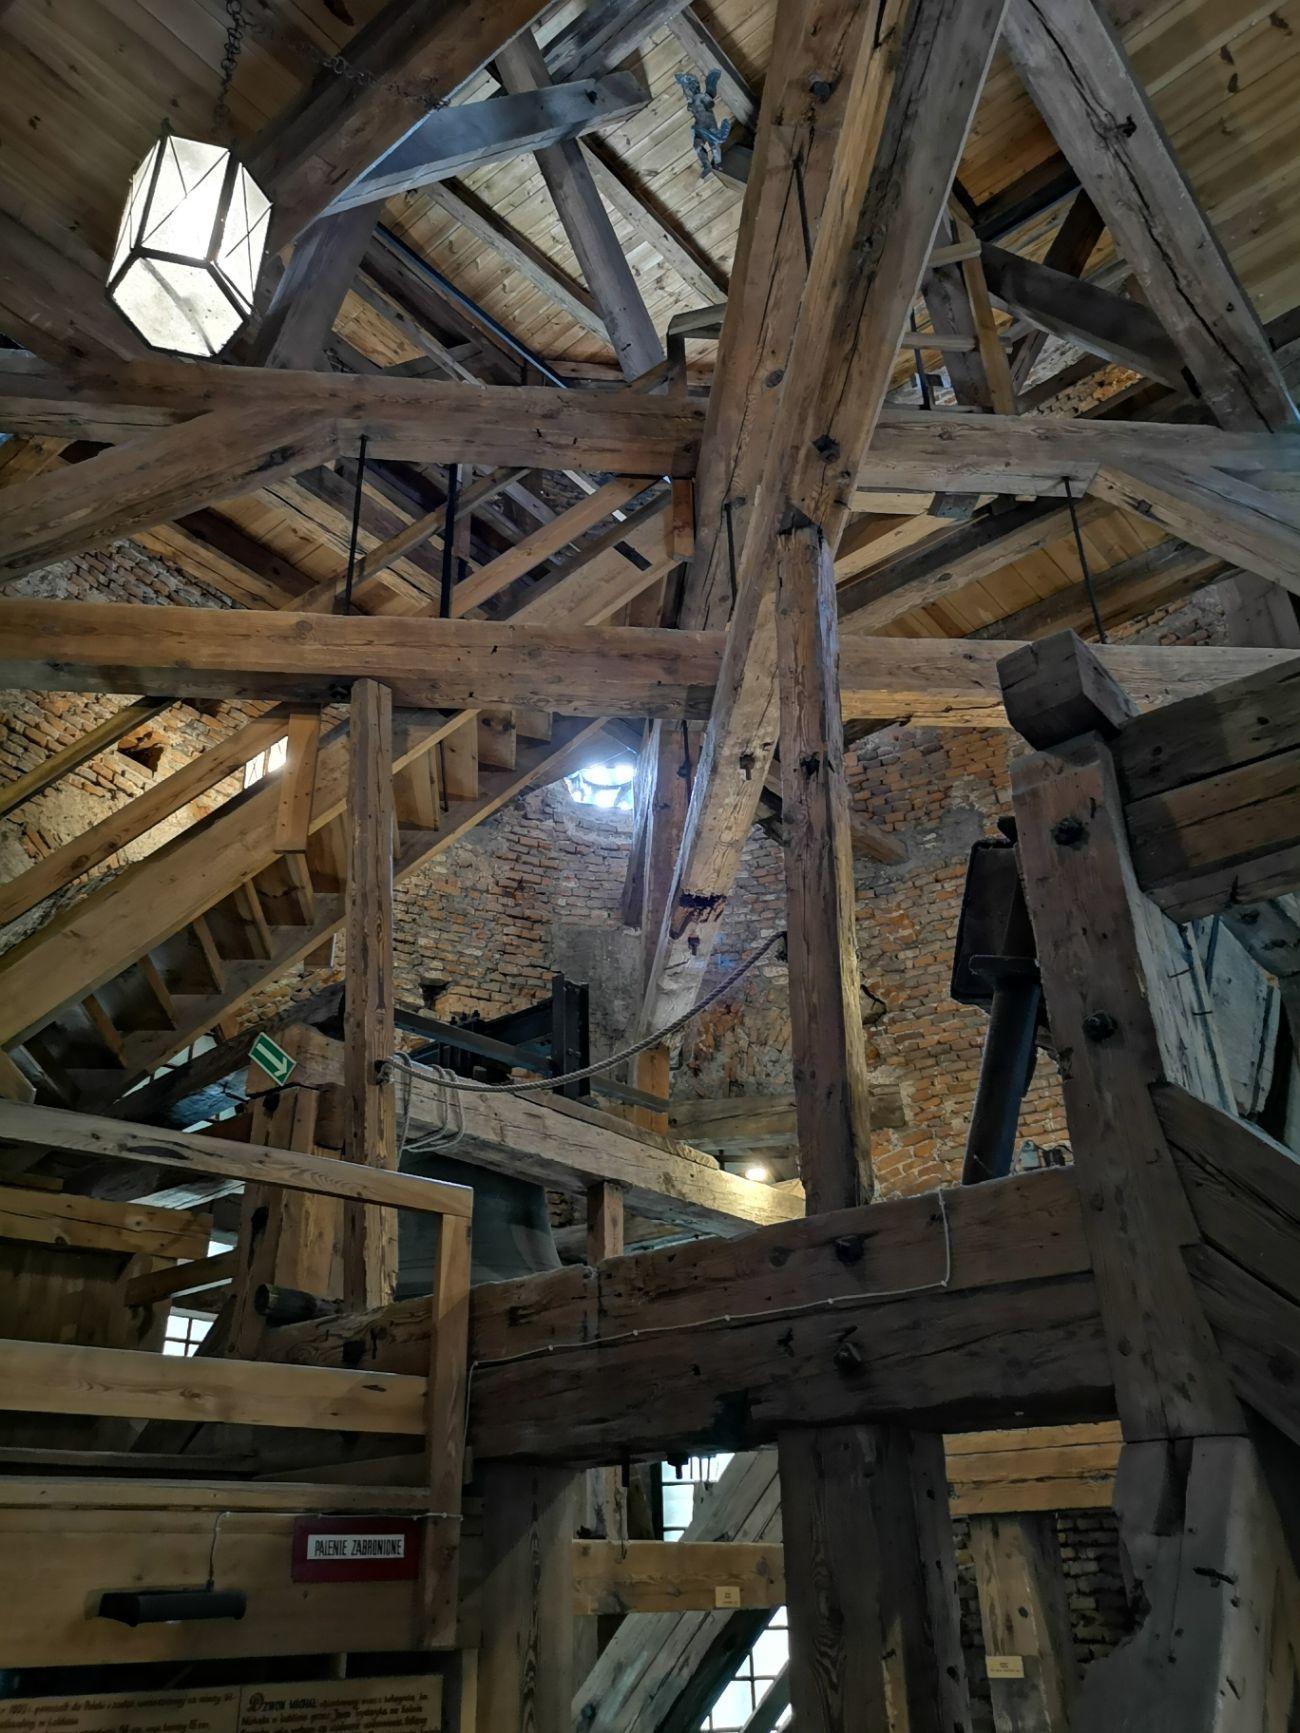 muzeum archidiecezjalne w lublinie wieża trynitarska co zwiedzić w weekend